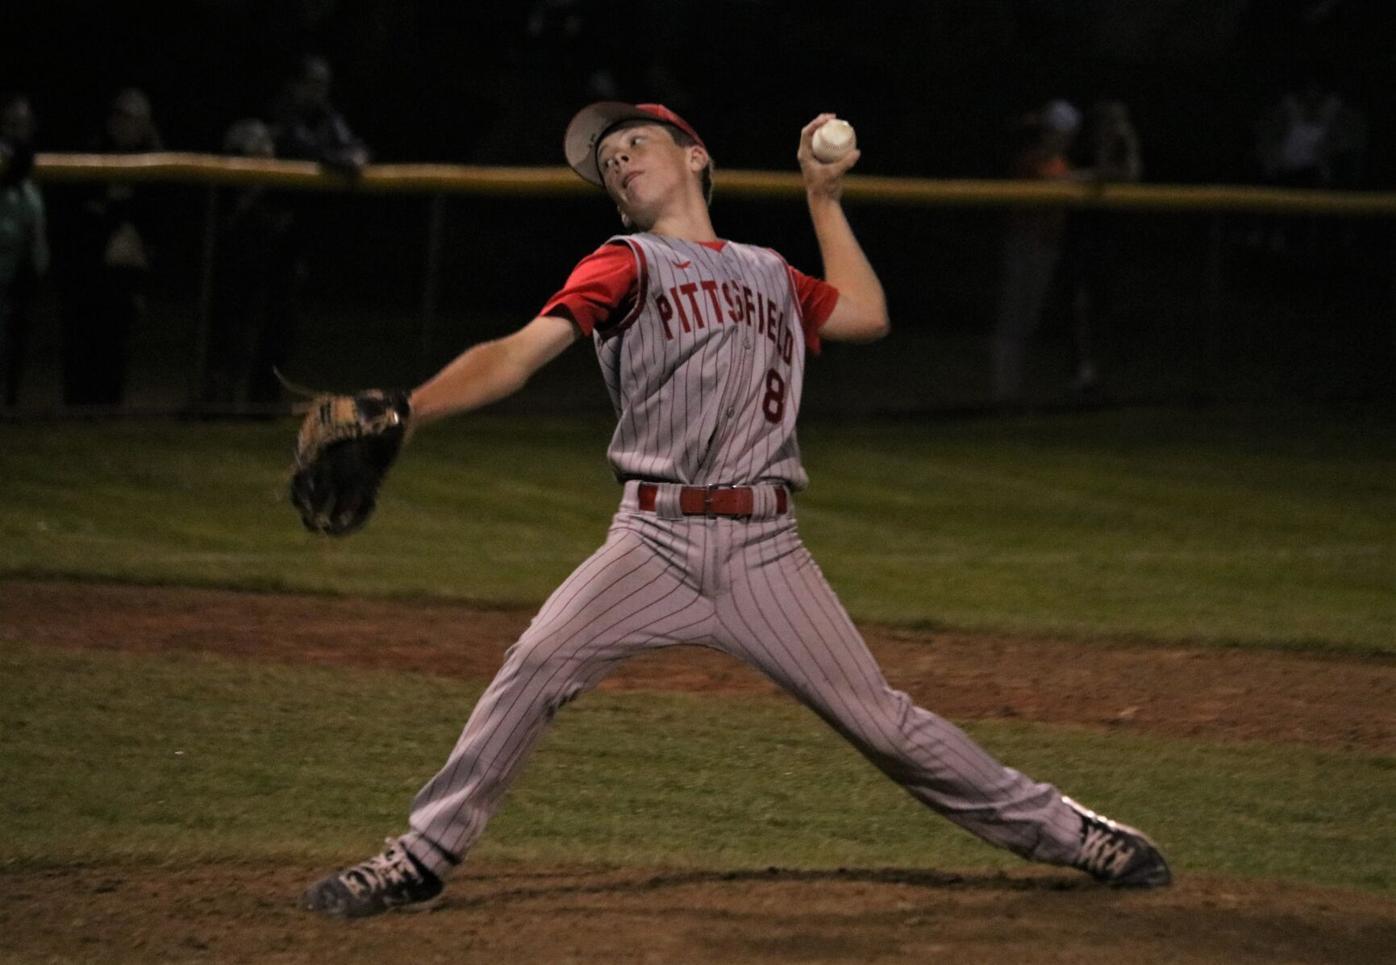 cam blake pitching